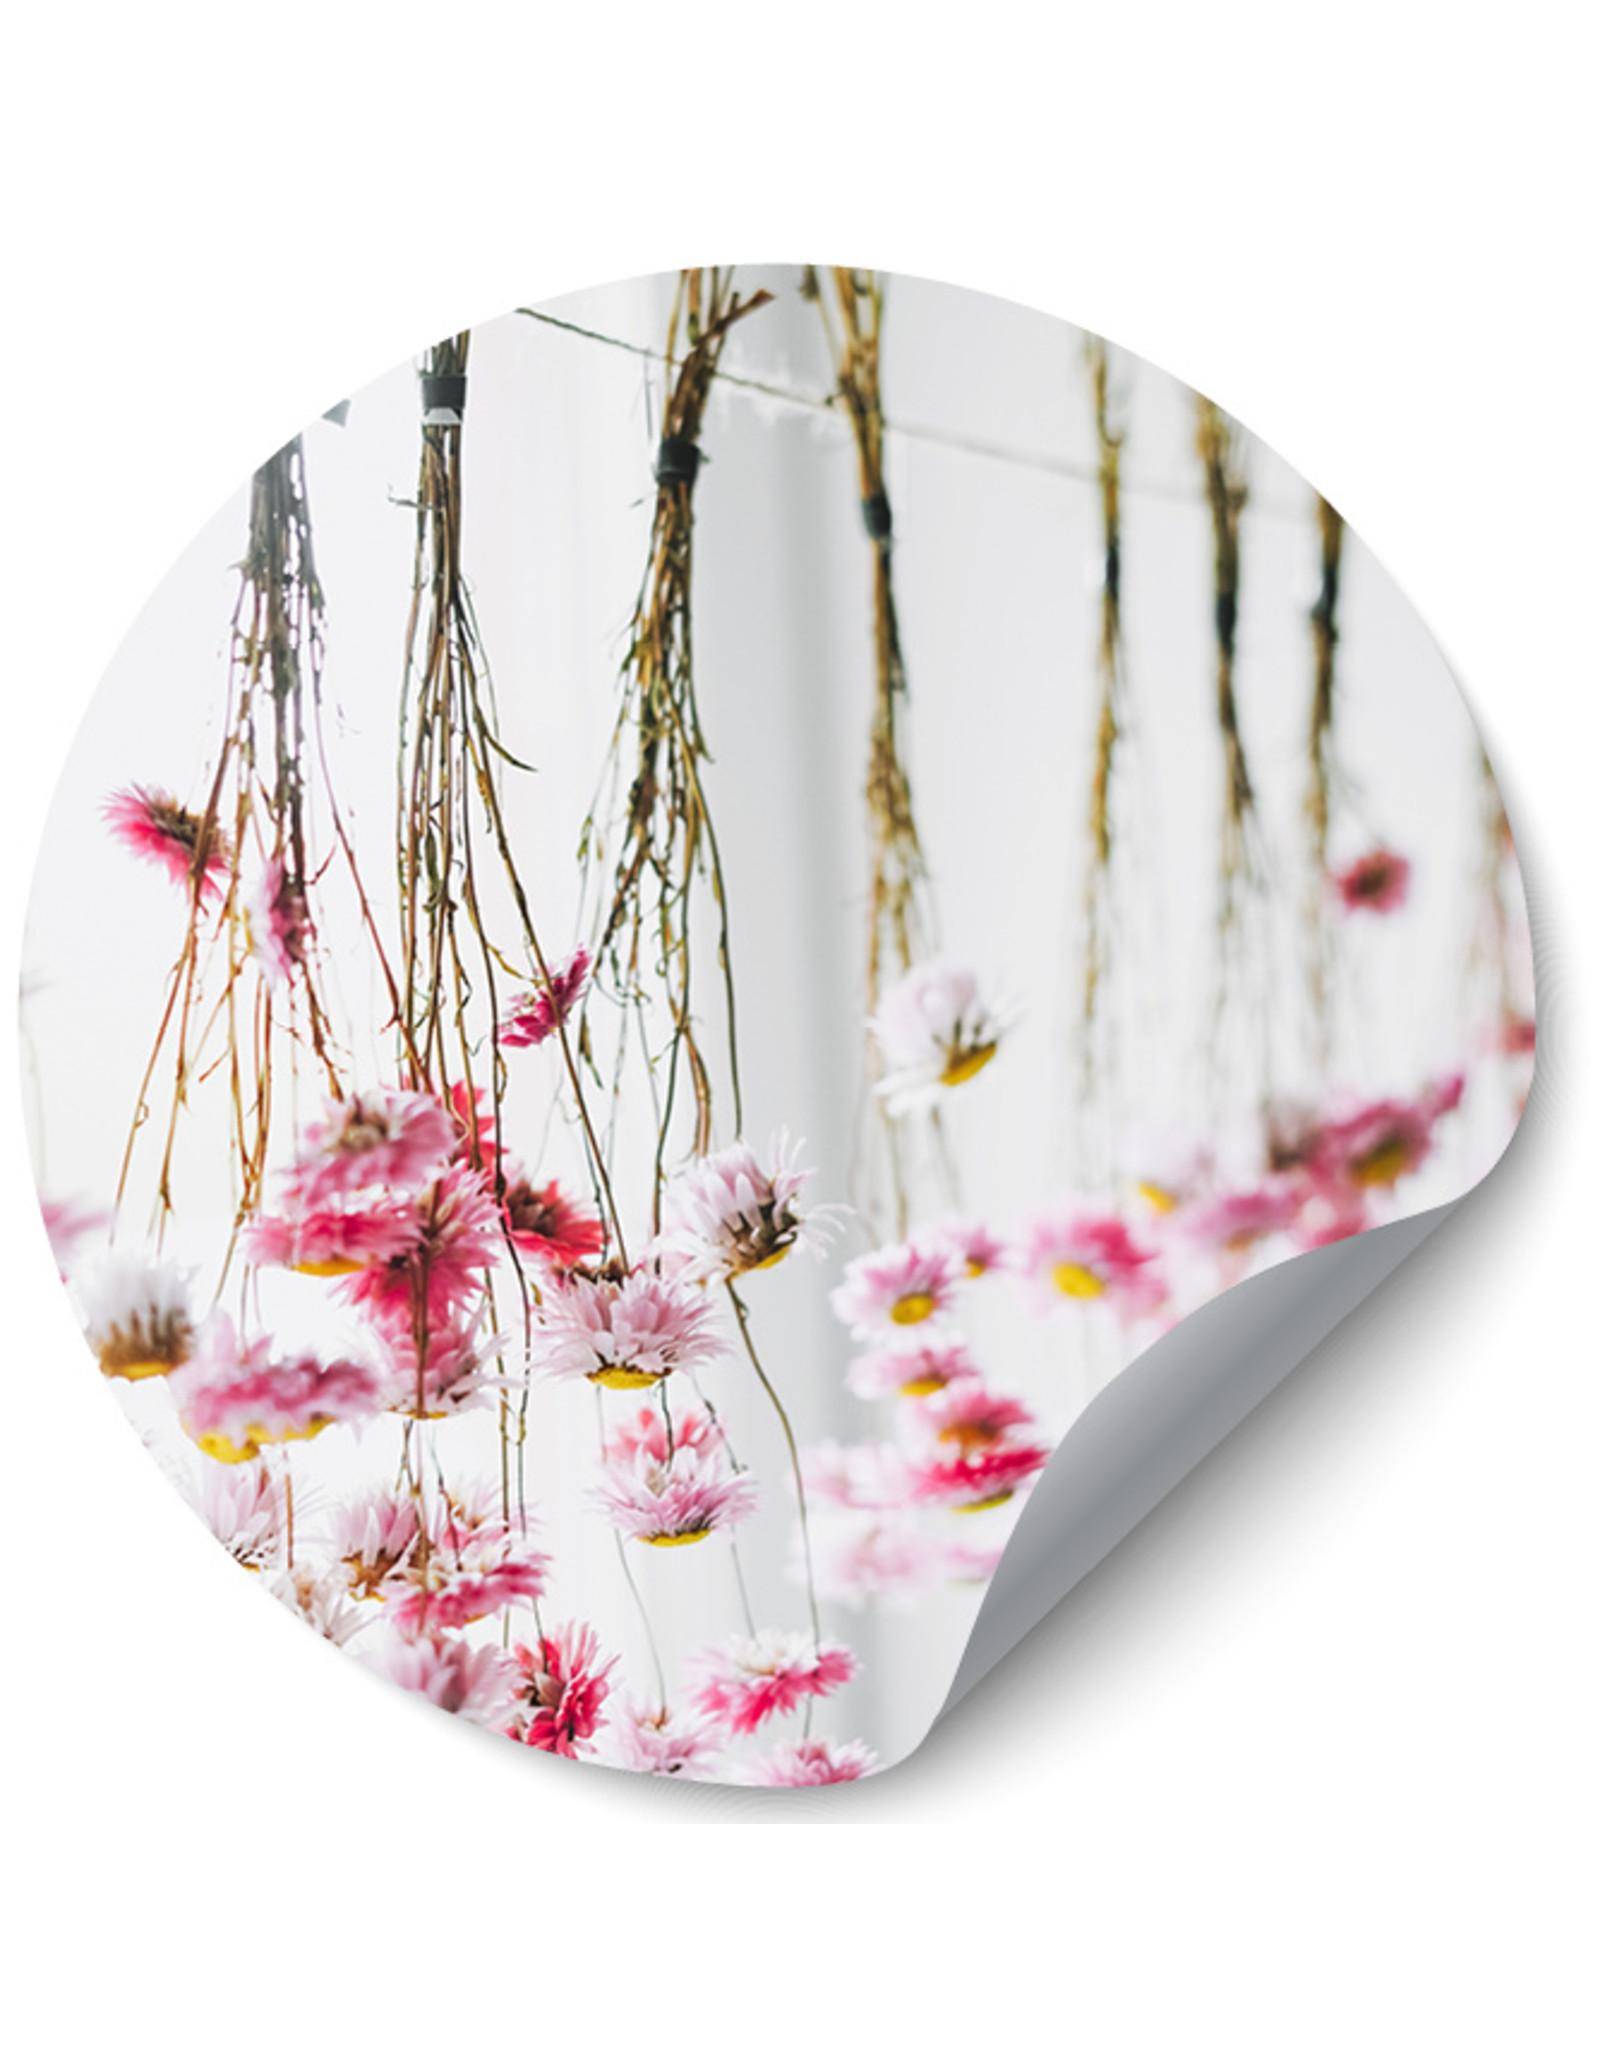 Dunnebier Home Droogbloemen - verwijderbaar